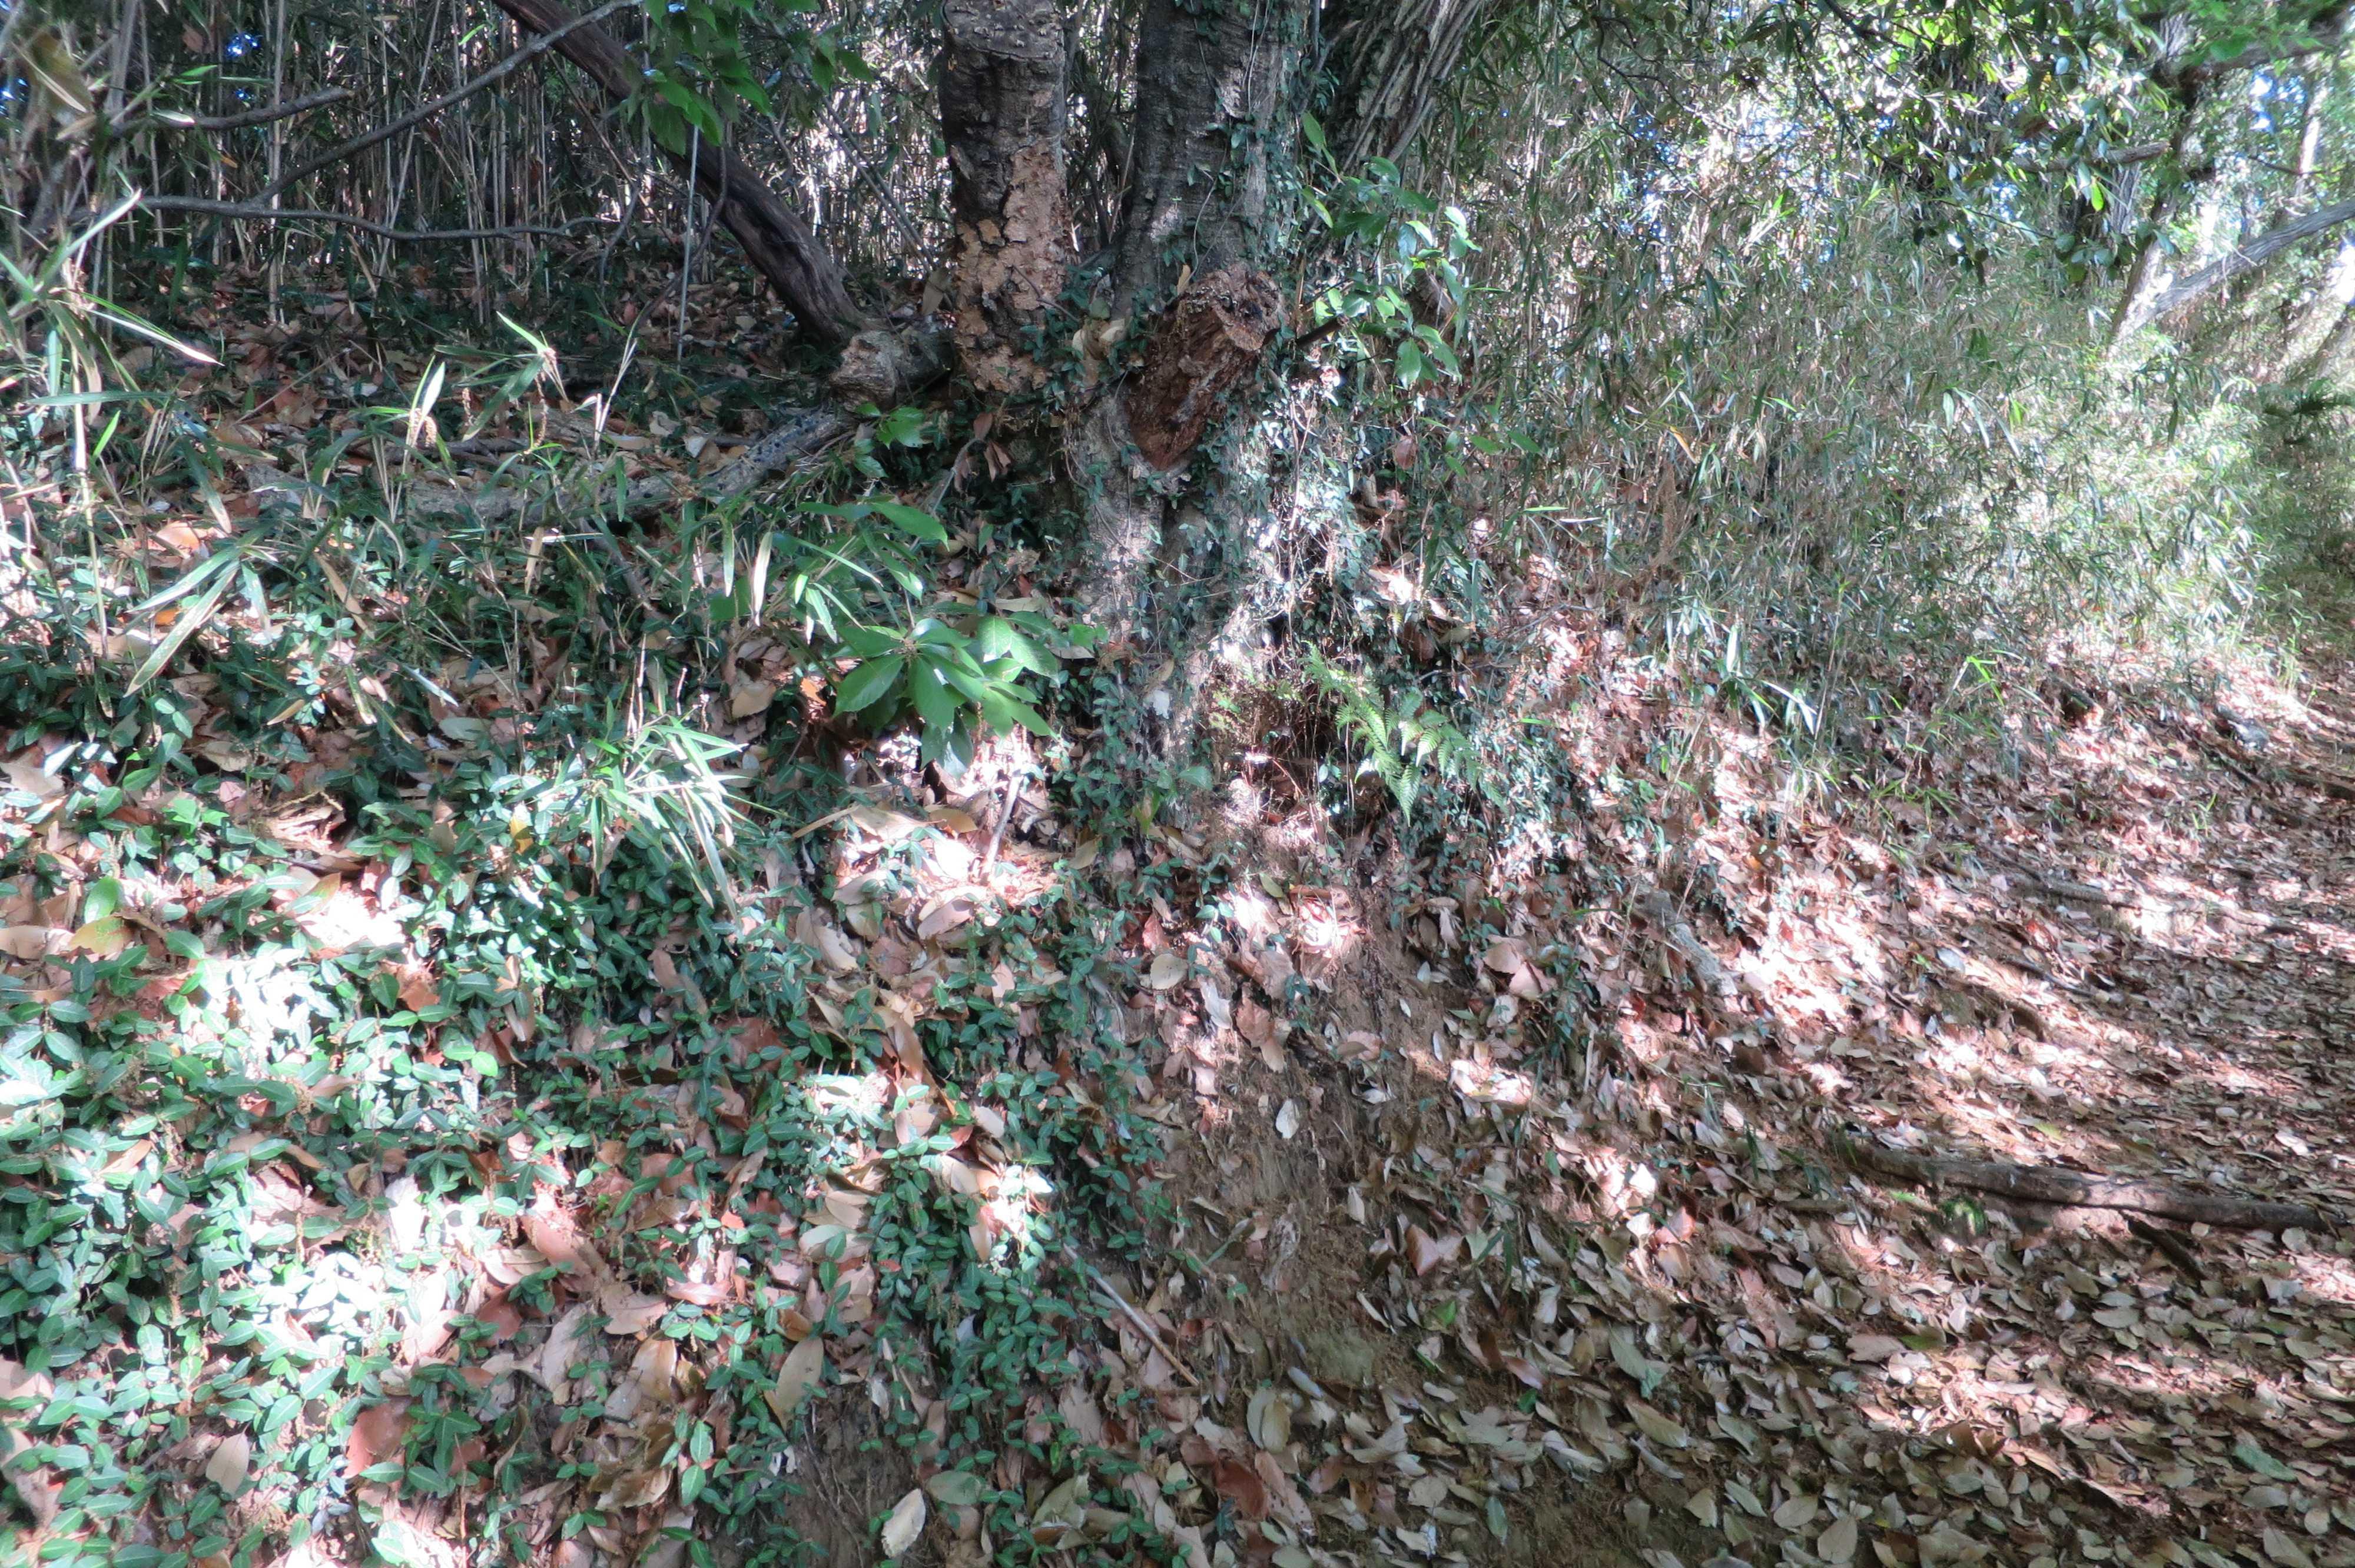 王禅寺ふるさと公園内の木洩れ日